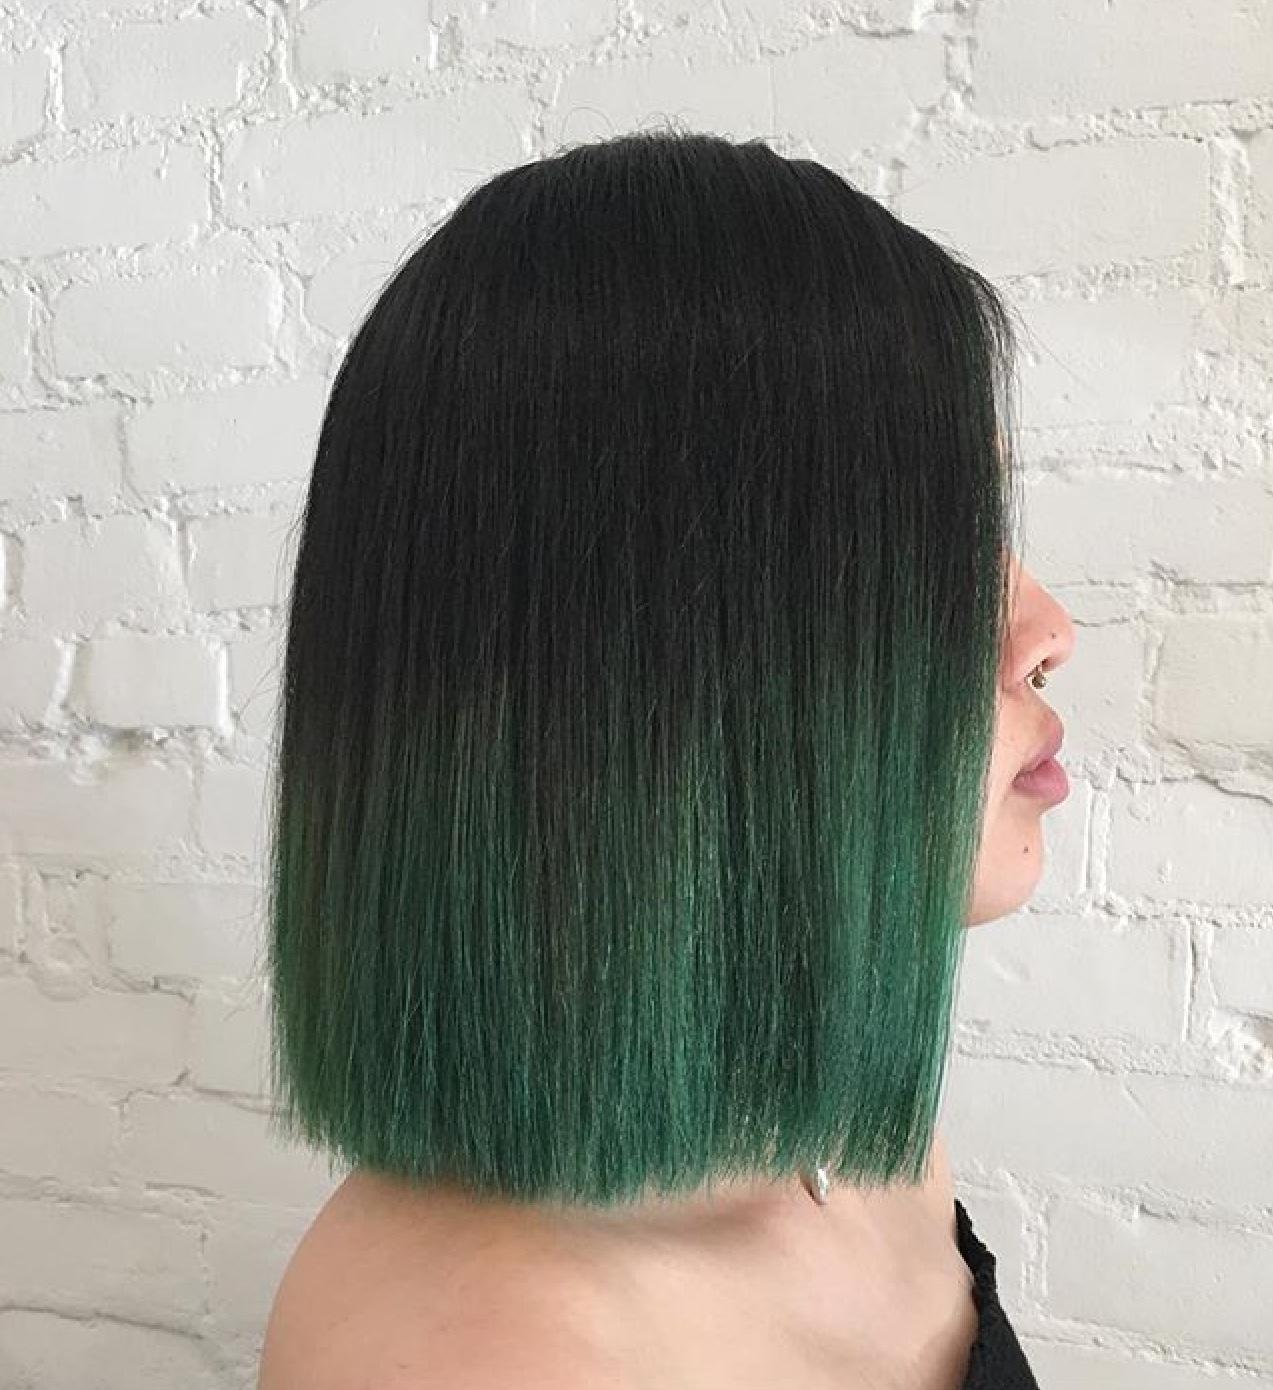 Green Hair by Sam